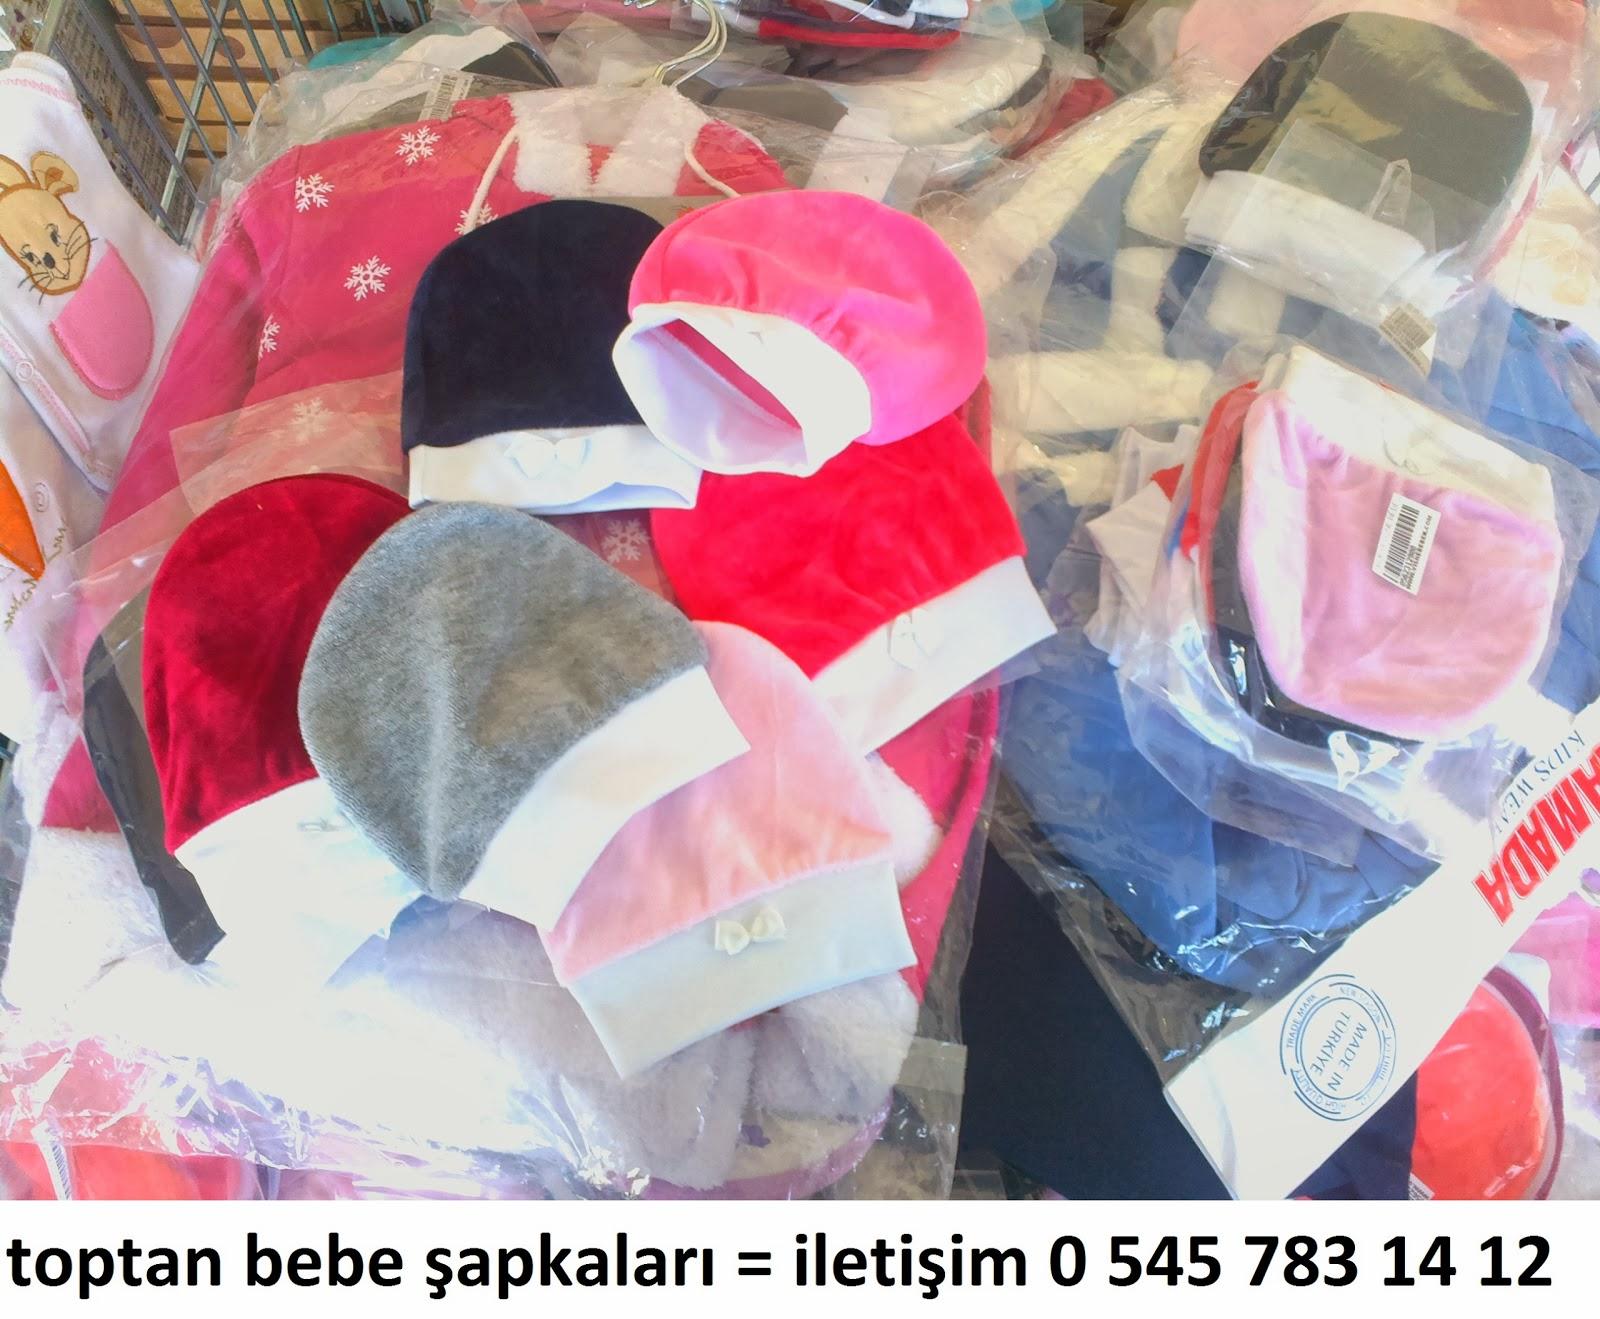 toptan bebe şapkaları toptan çocuk şapka bebe ürünleri